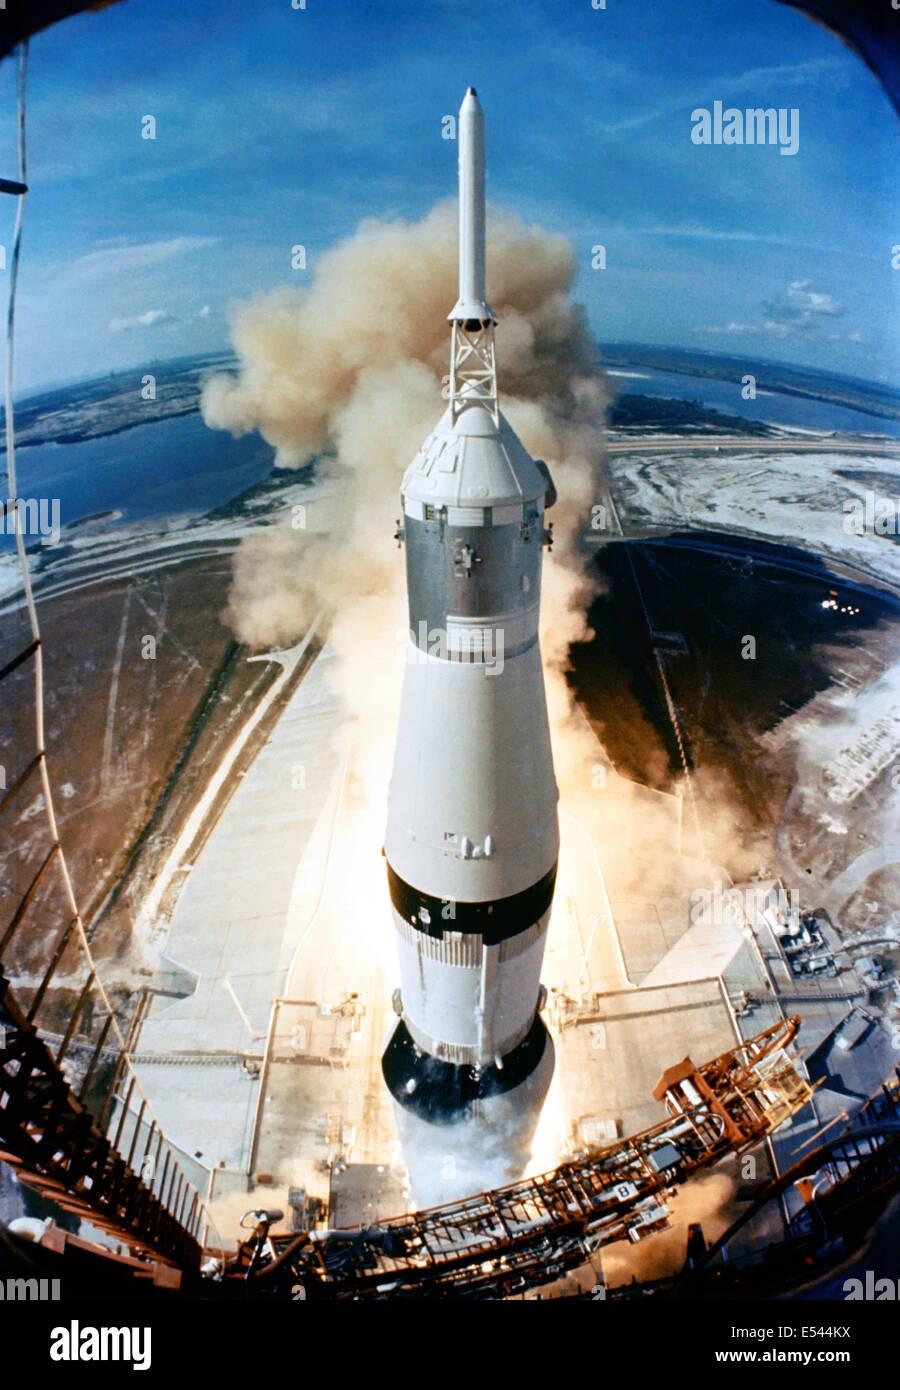 Il 363-piedi di altezza Saturn V rocket lancia su la missione Apollo 11 dal pad a Launch Complex 39, Kennedy Space Center, a 9:32 a.m. EDT Luglio 16, 1969 a Cape Canaveral, in Florida. A bordo dell'Apollo 11 veicolo spaziale gli astronauti sono Neil A. Armstrong, comandante; Michael Collins, il pilota del modulo di comando; e Edwin E. Aldrin Jr., modulo lunare pilota. Apollo 11 è stato negli Stati Uniti il primo atterraggio lunare di missione. Foto Stock